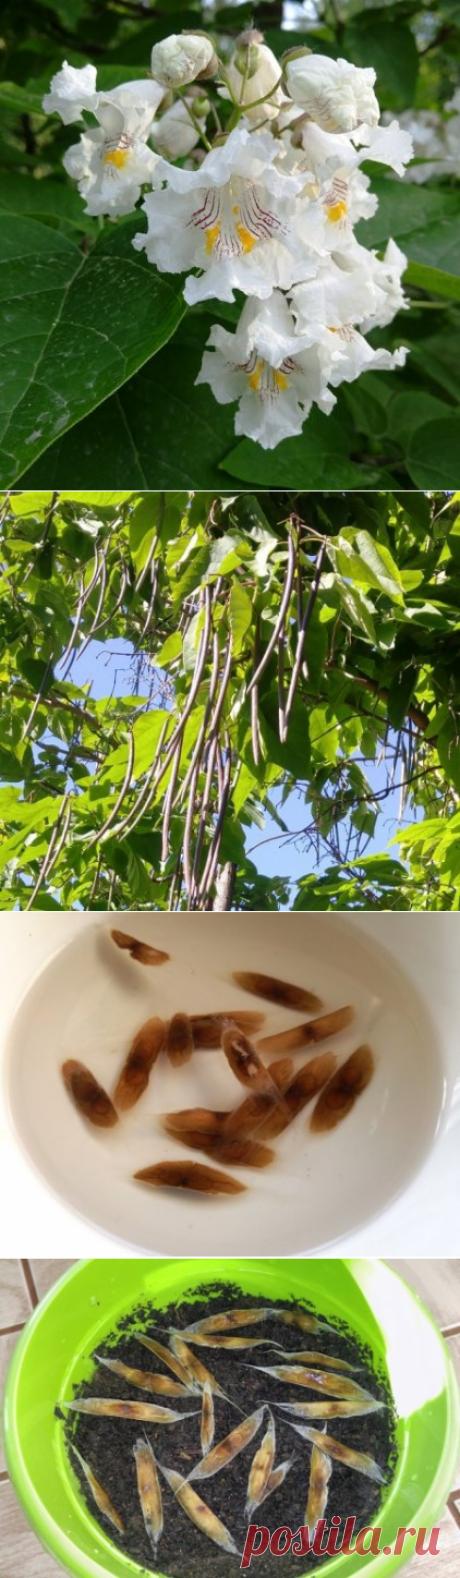 Красивоцветущее дерево Катальпа - выращивание из семян.